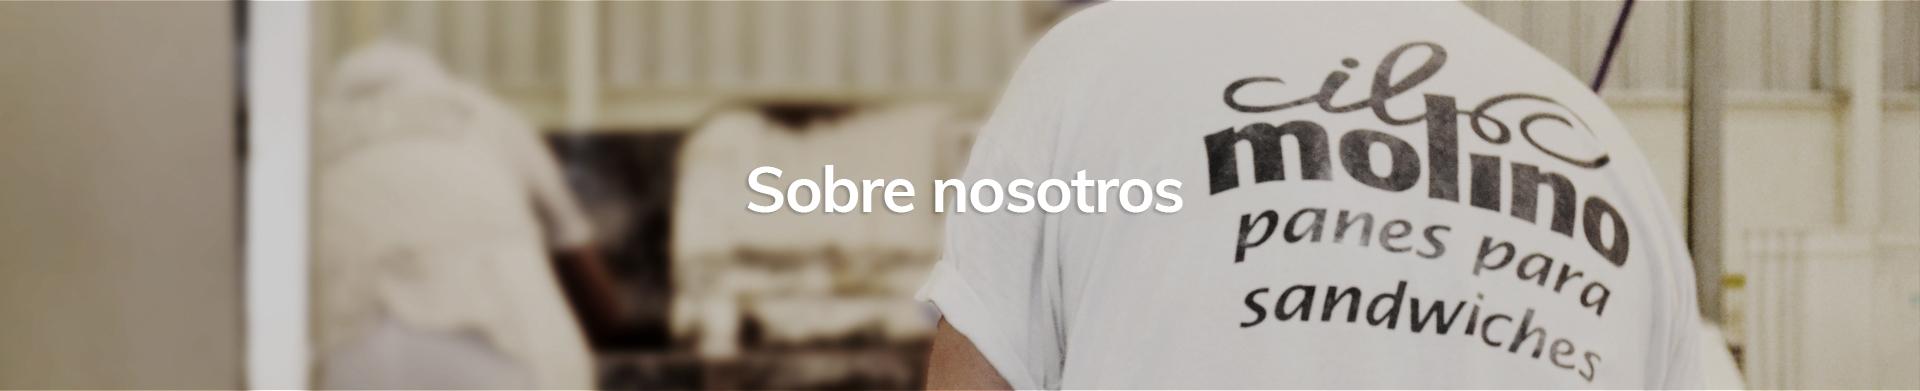 Cabecera_Sobre Nosotros